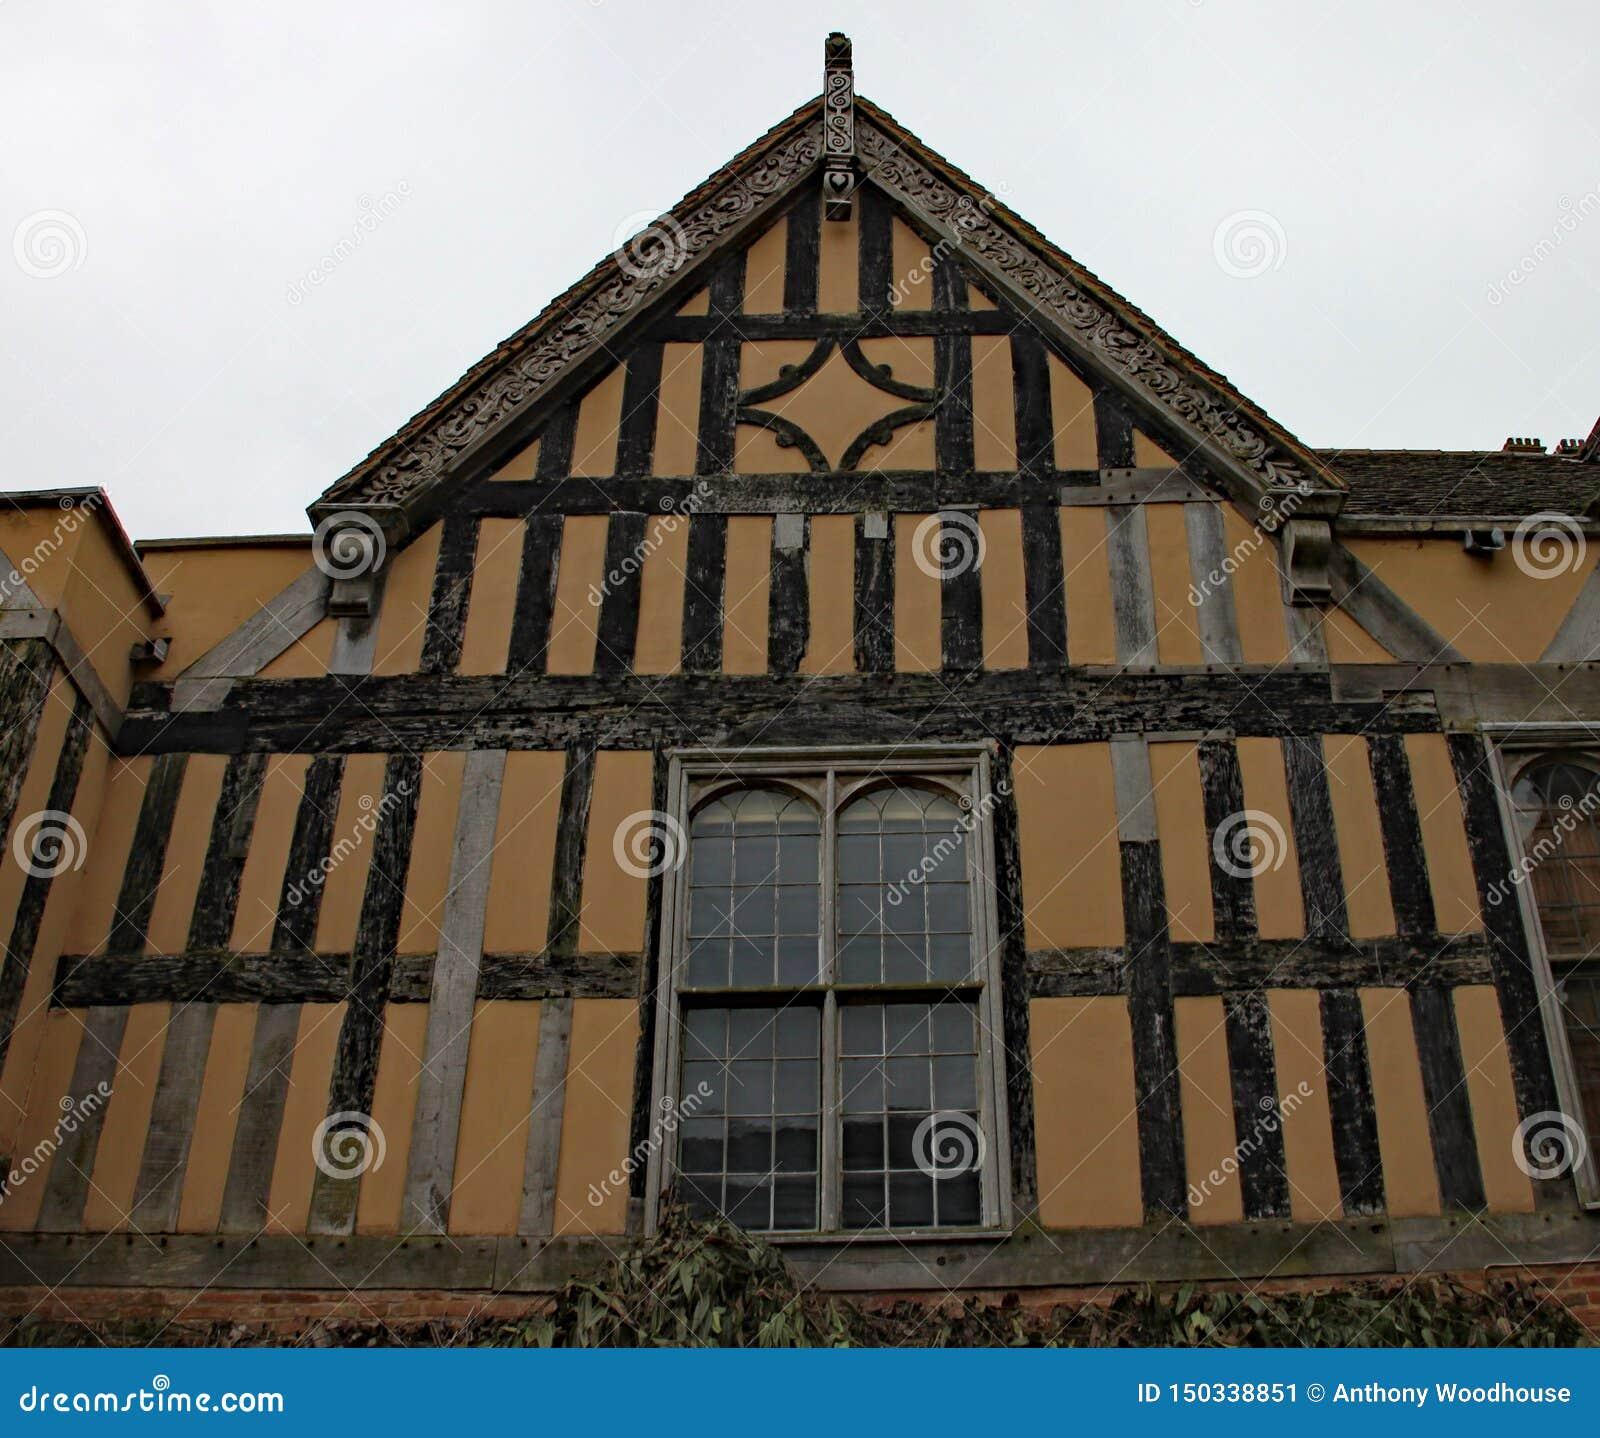 Часть половинного тимберса обрамила здание с богато украшенным резным изображением на досках facia